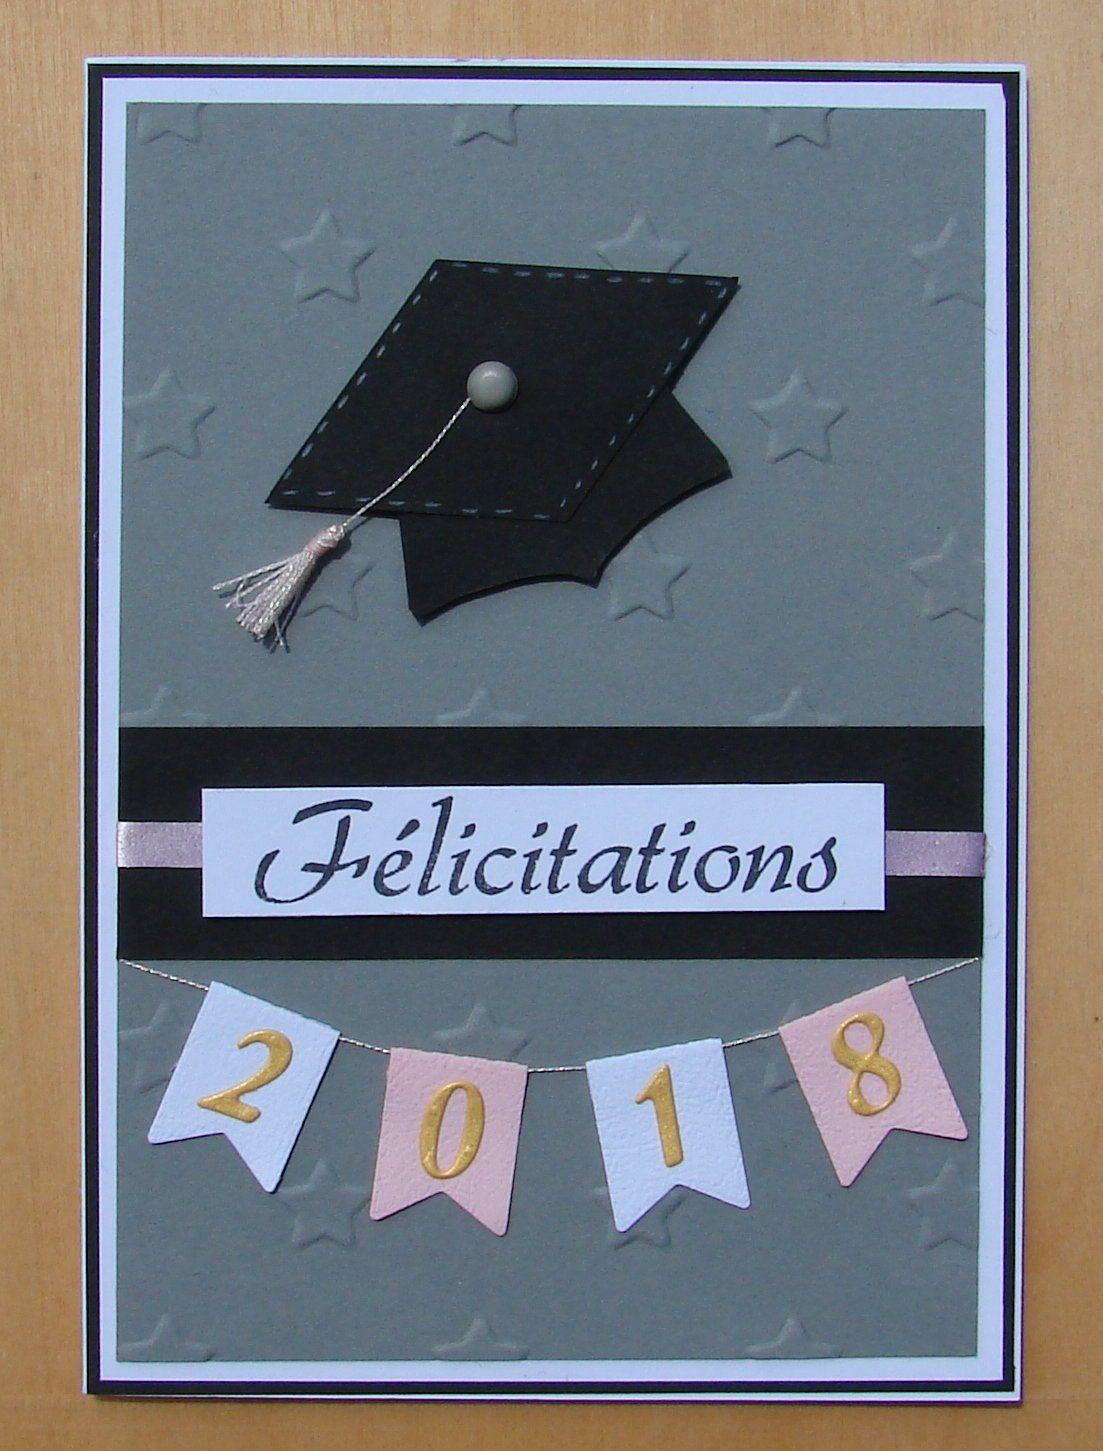 carte félicitations réussite examen carte Félicitations diplôme 2018, Brevet, BAC, BTS, examens